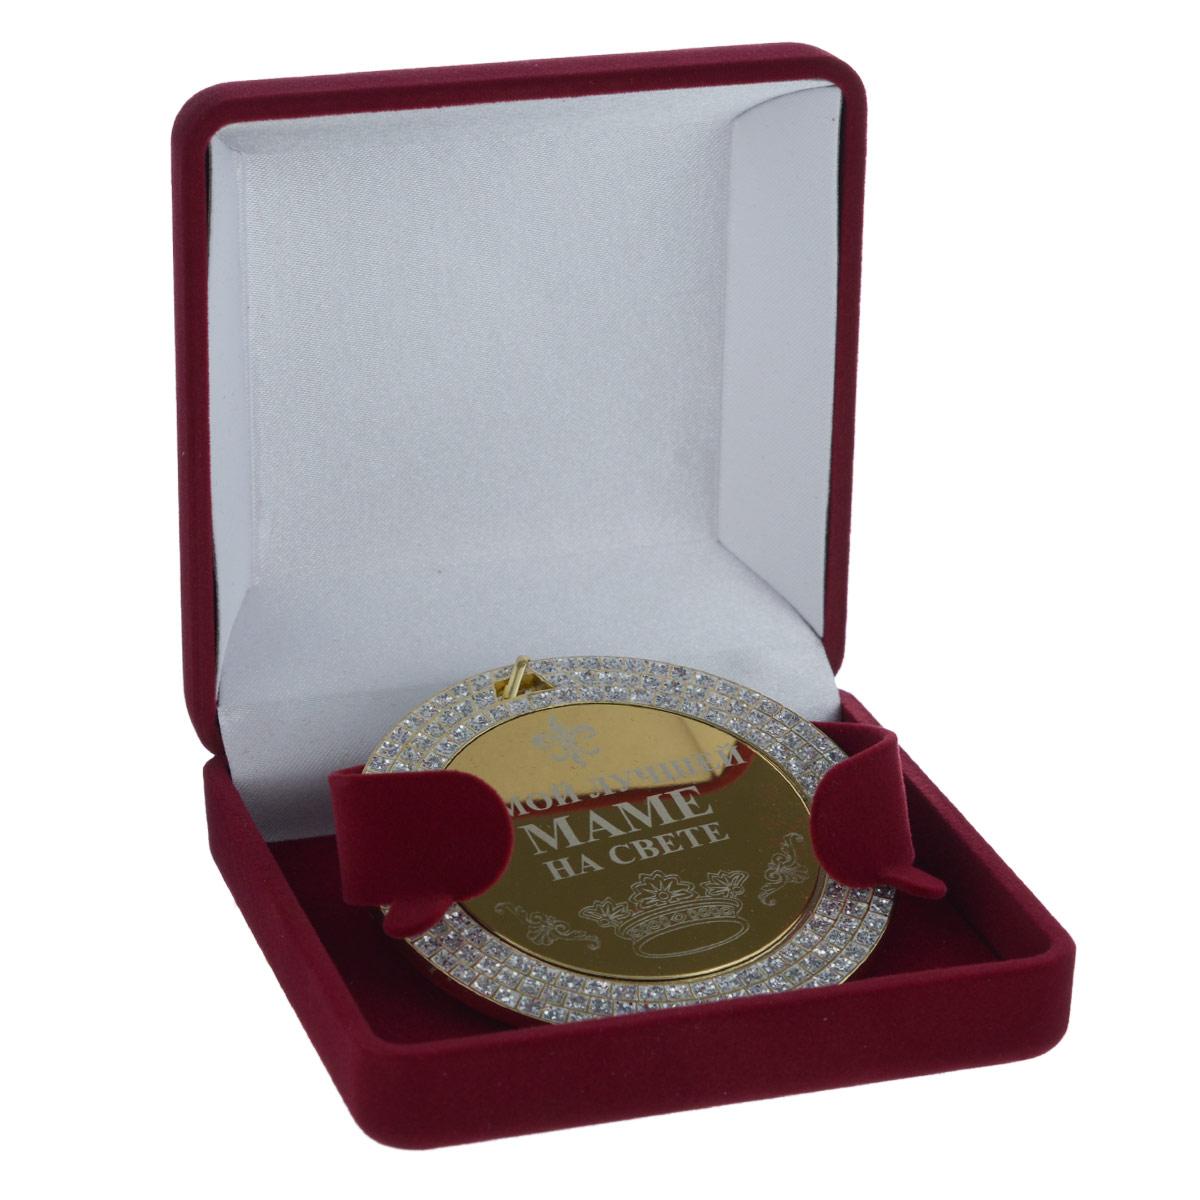 Медаль сувенирная Лучшая мама на свете23927Сувенирная медаль Лучшая мама на свете, выполненная из металла золотистого цвета, оформлена блестками. К медали крепится текстильная лента. Такая медаль станет веселым памятным подарком и принесет массу положительных эмоций своему обладателю. Медаль упакована в подарочный футляр, обтянутый бархатистой тканью. Диаметр медали: 7 см.